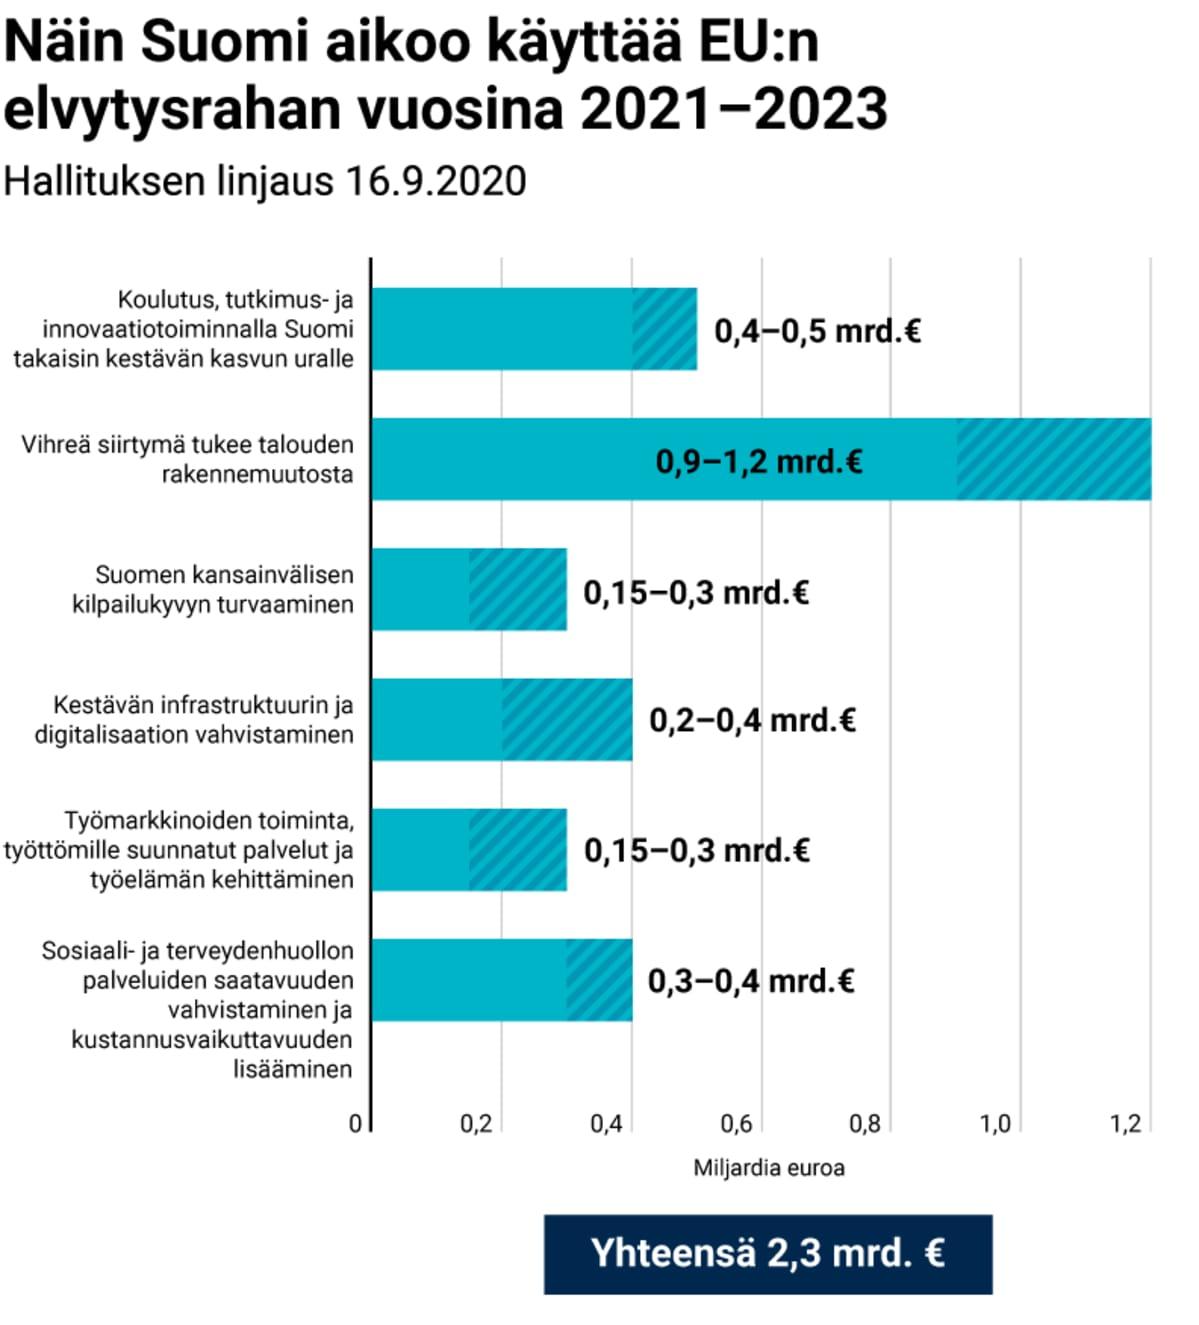 Näin Suomi aikoo käyttää EU:n elvytysrahan vuosina 2021–2023